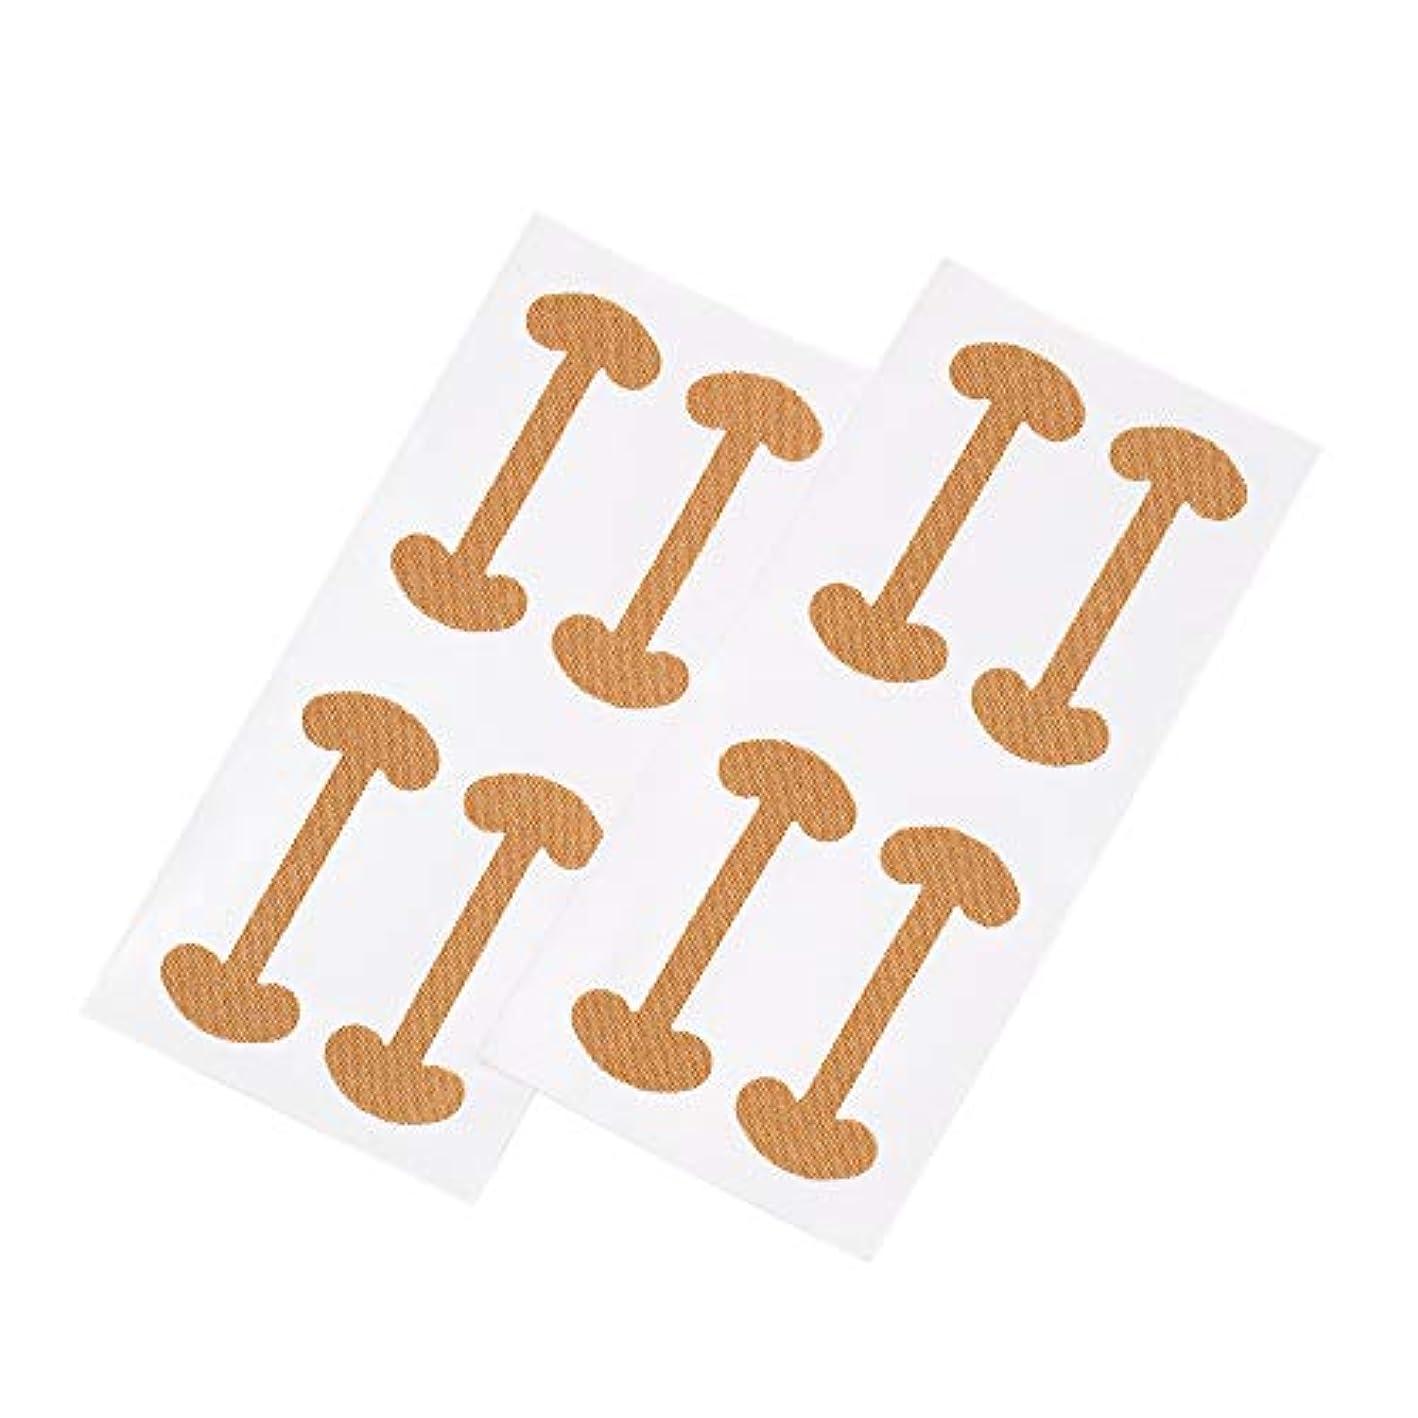 息を切らしてサワー露出度の高いDecdeal 8ピース 巻き爪 ケアテープ まきずめ 矯正 巻きヅメ 矯正 爪の治療 爪の矯正パッチ 爪リフタ